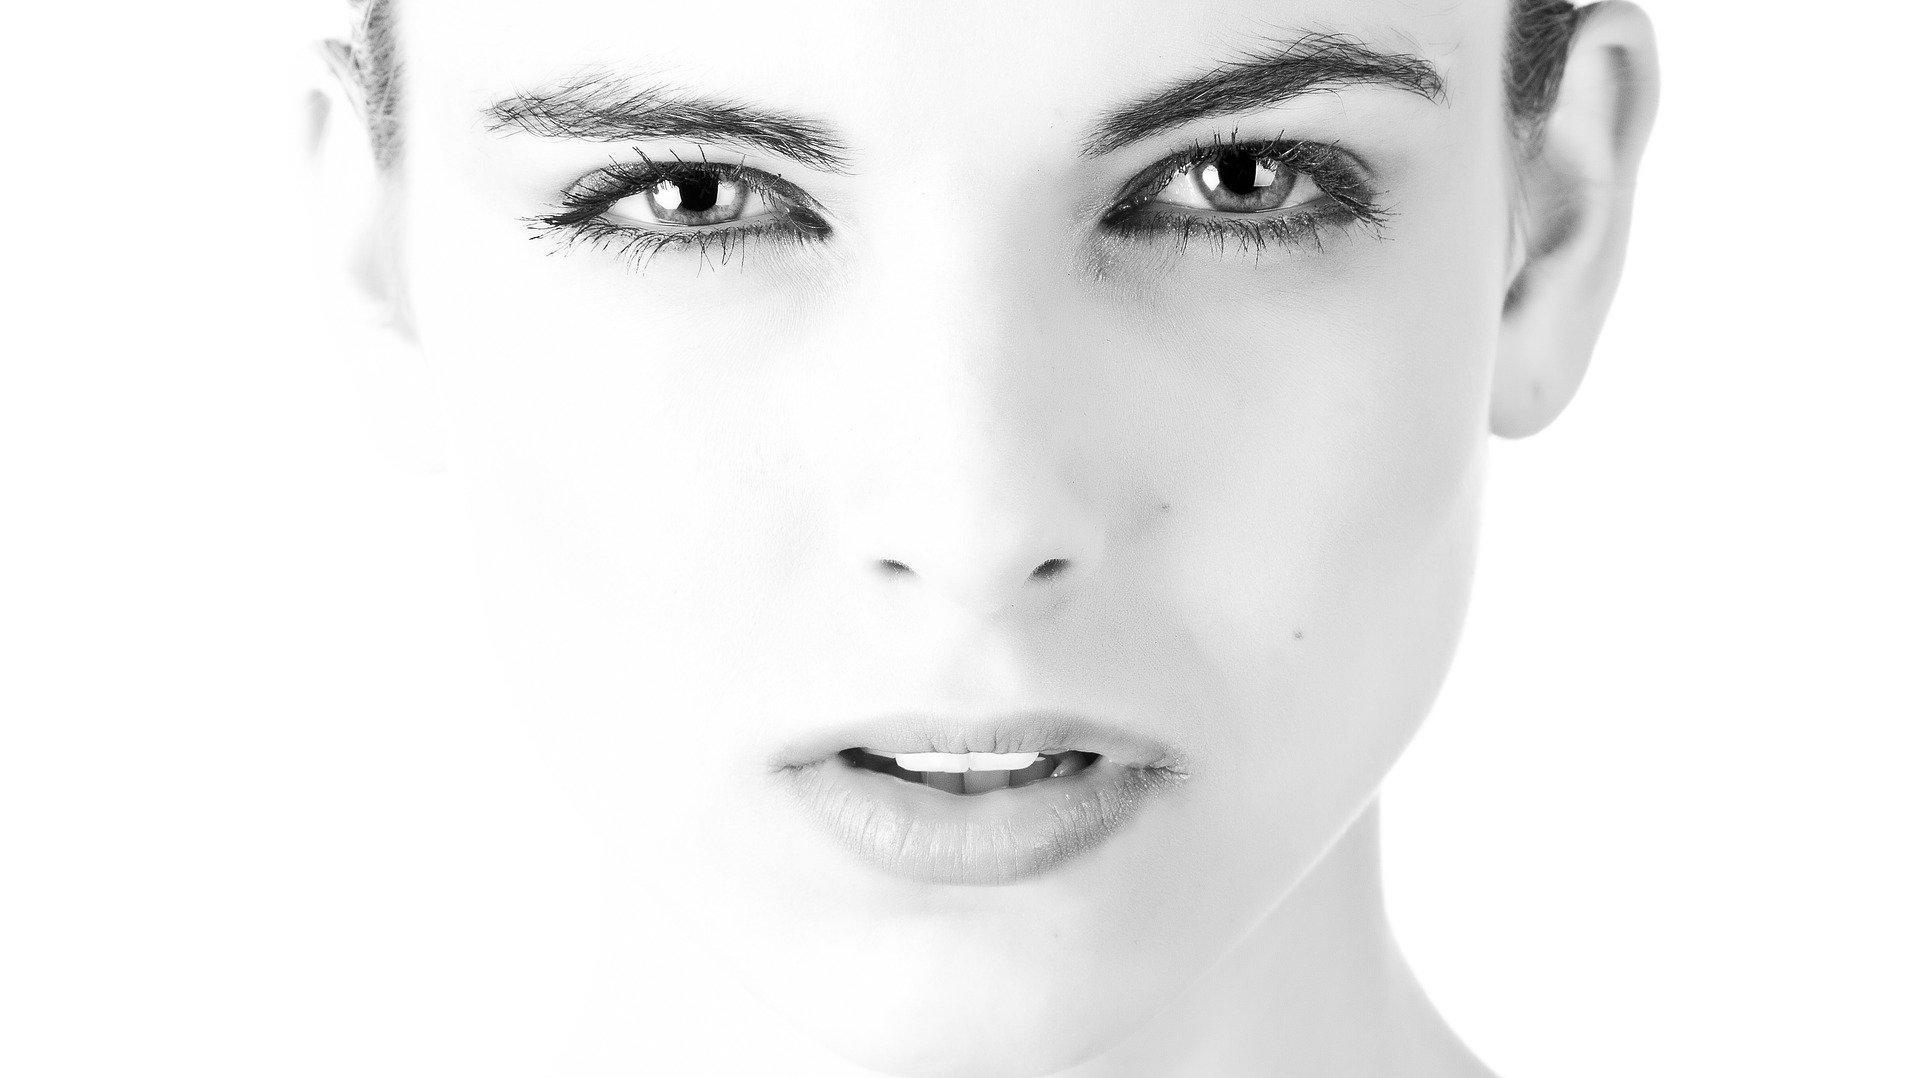 Poren können Sie mit der passenden Routine verkleinern